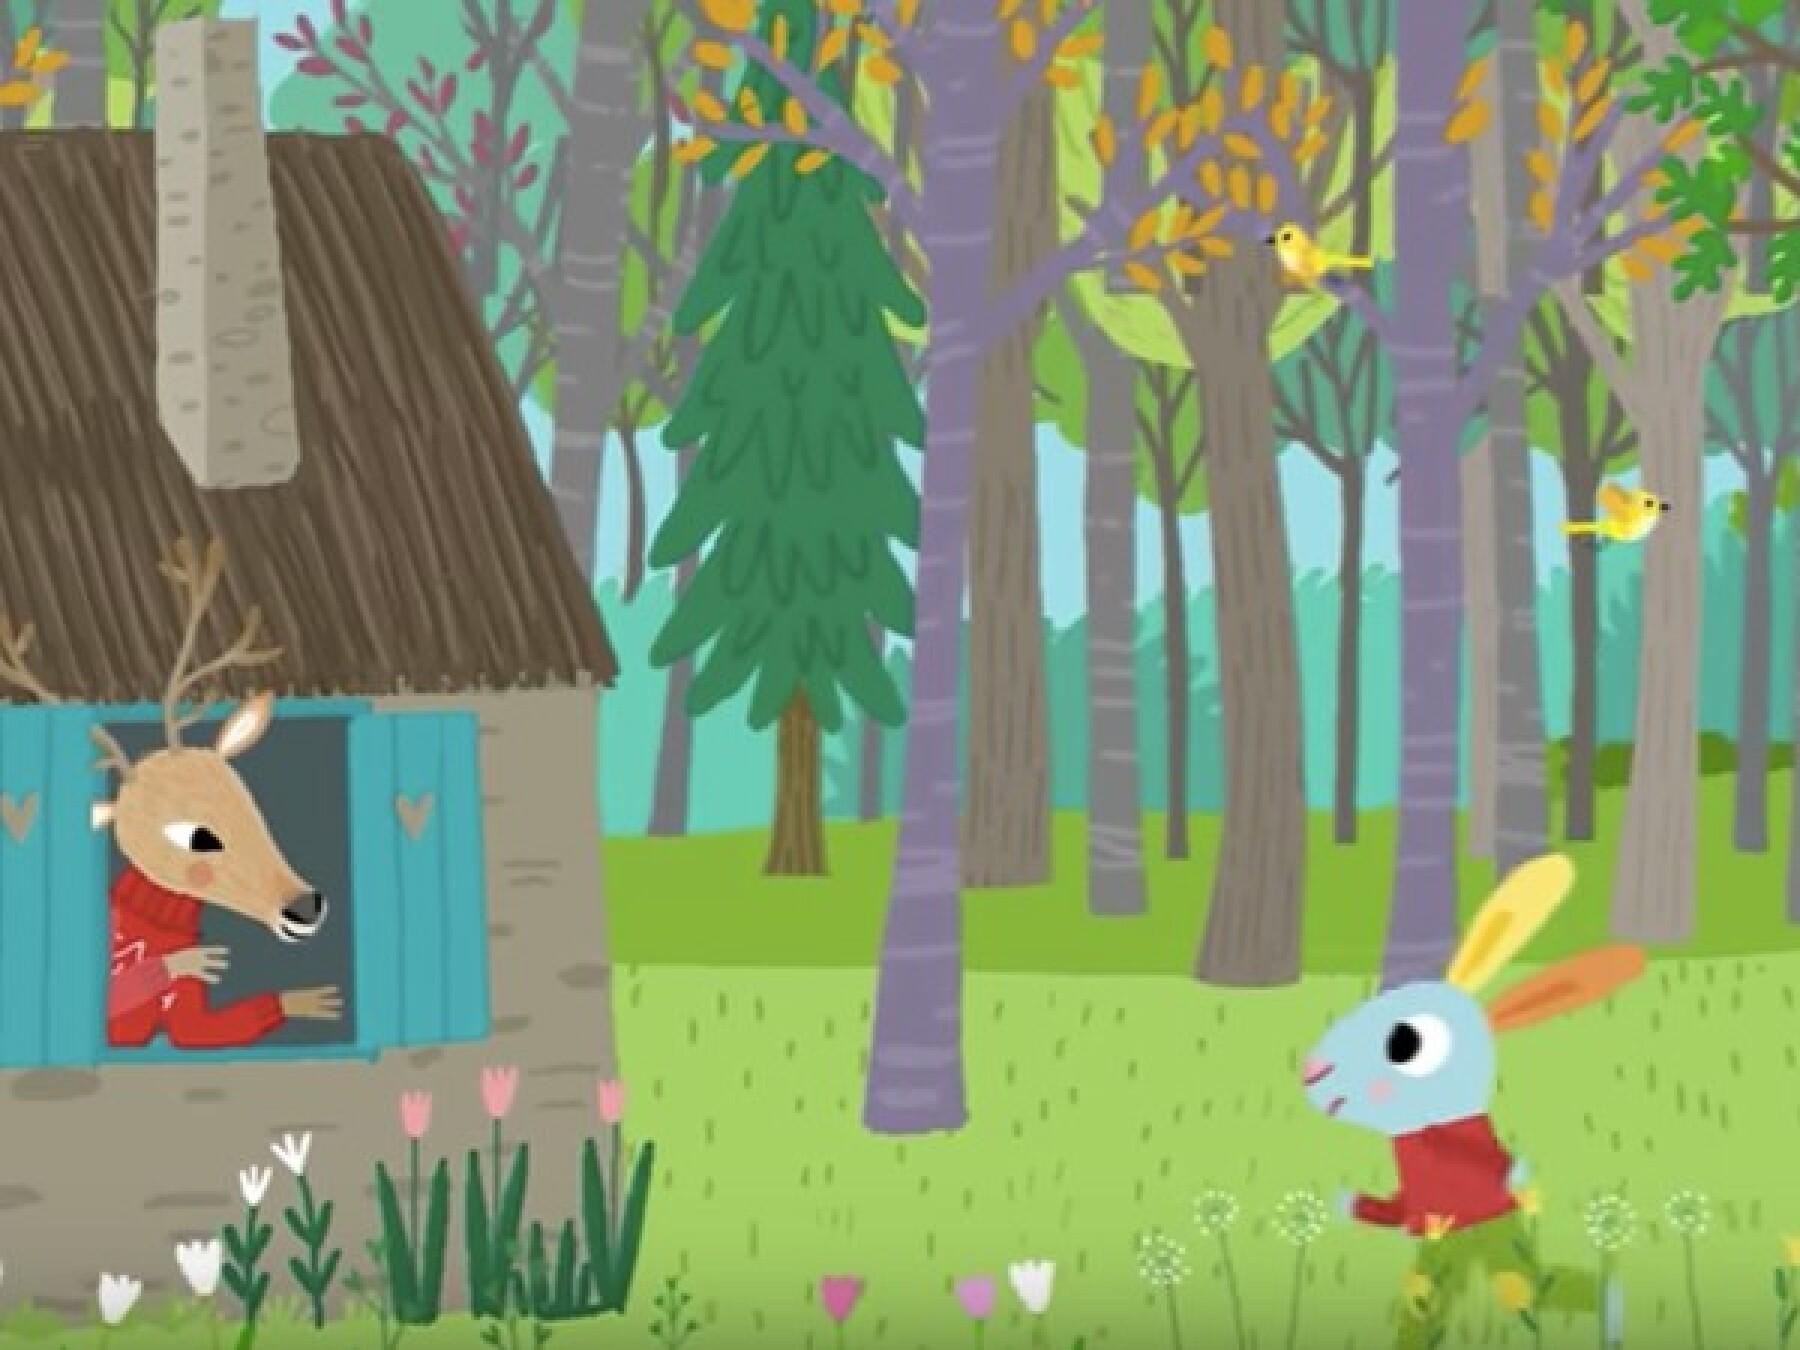 Dans la forêt un grand cerf